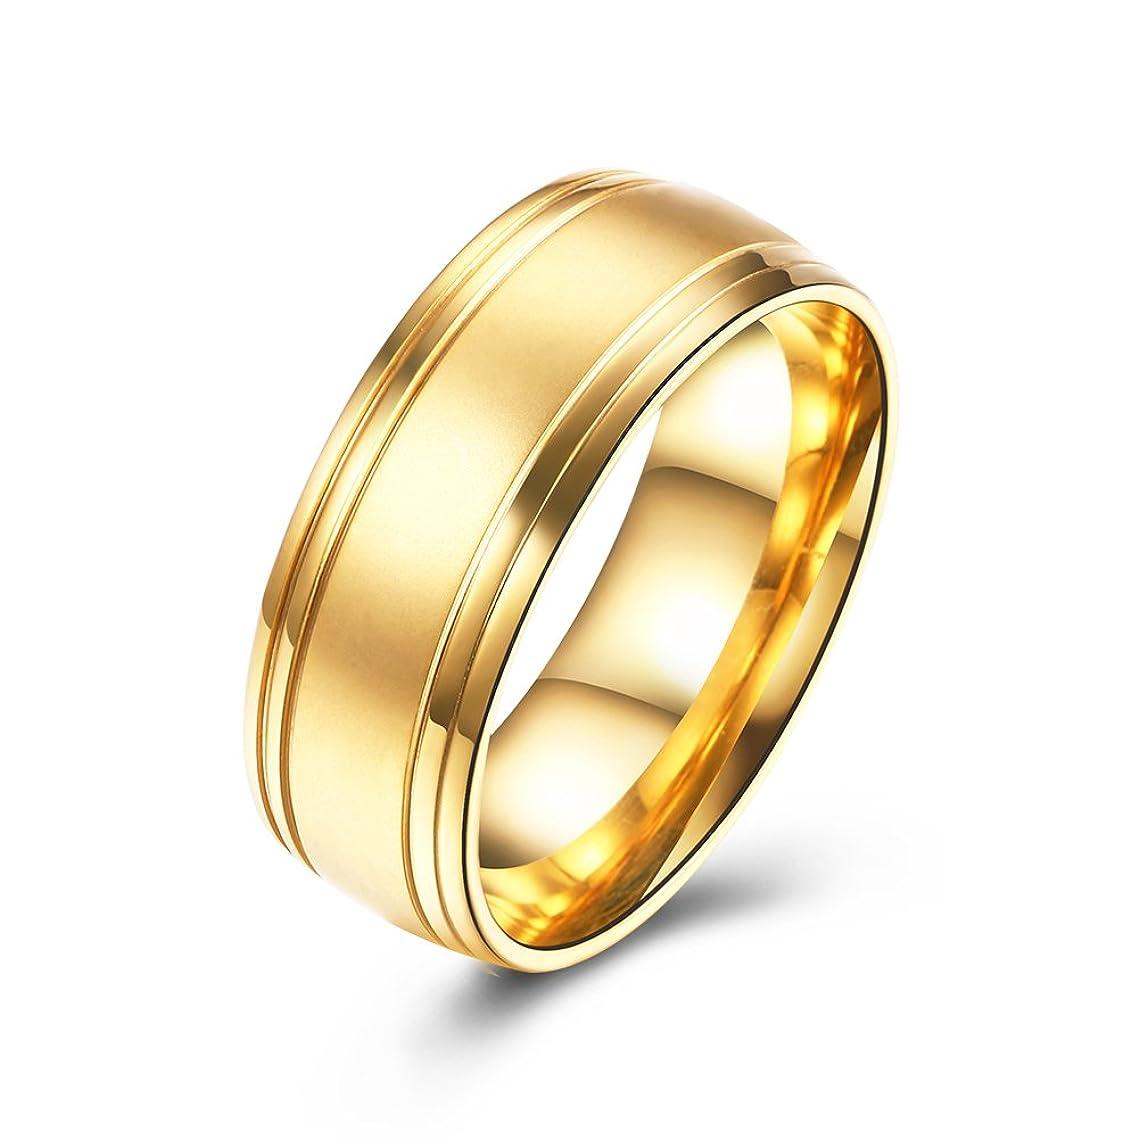 バン癒す値下げ流行アクセサリー バレンタインデーのカップルの指輪 ステンレススタンダードリング アレルギーを防ぐ 色あせない